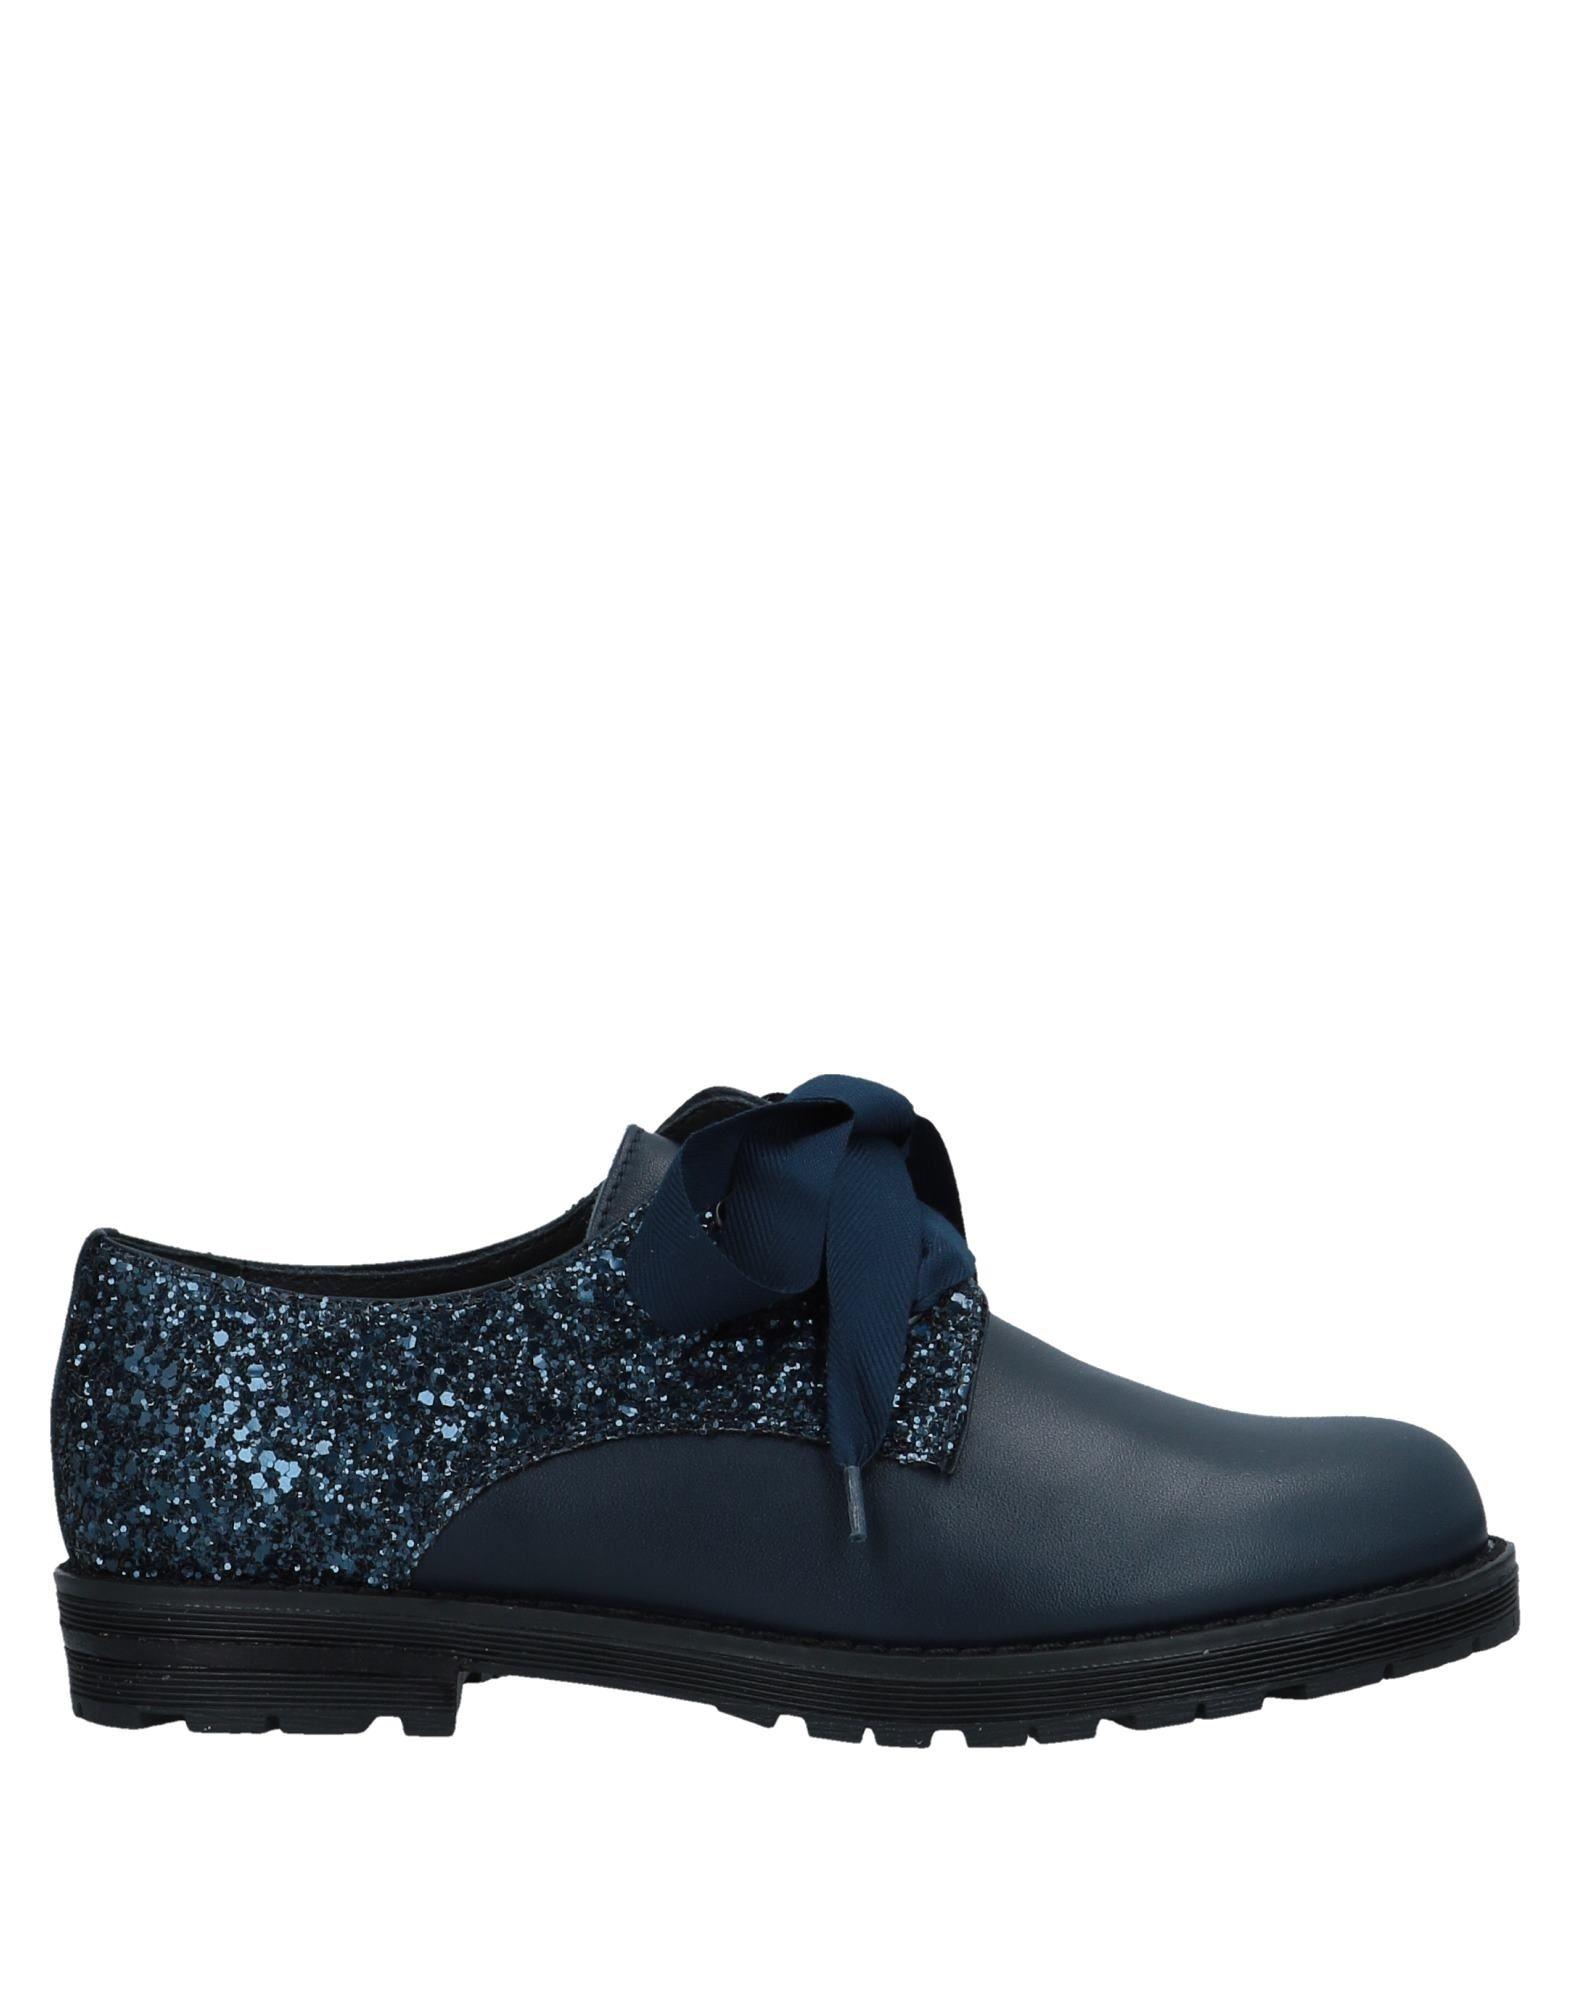 IL GUFO Обувь на шнурках первый внутри обувь обувь обувь обувь обувь обувь обувь обувь обувь 8a2549 мужская армия green 40 метров